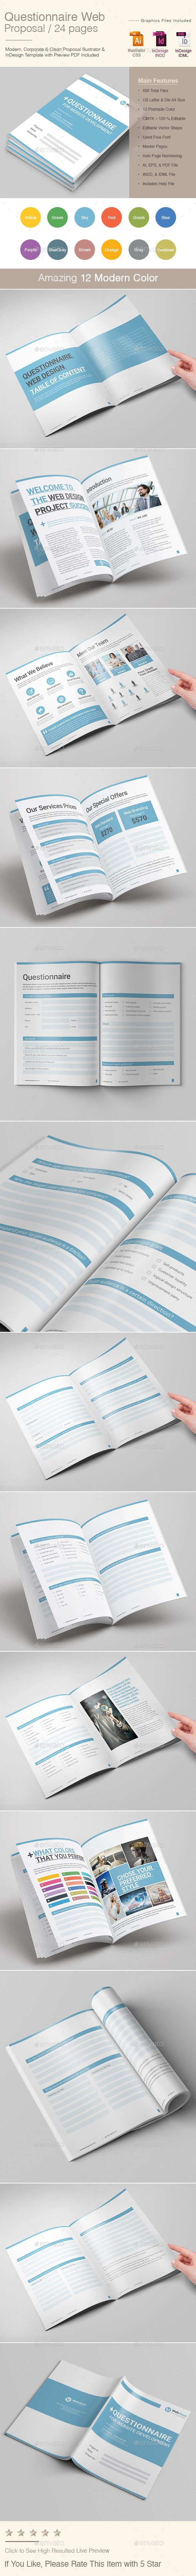 Questionnaire Web Design Proposal | Proposals, Proposal templates ...